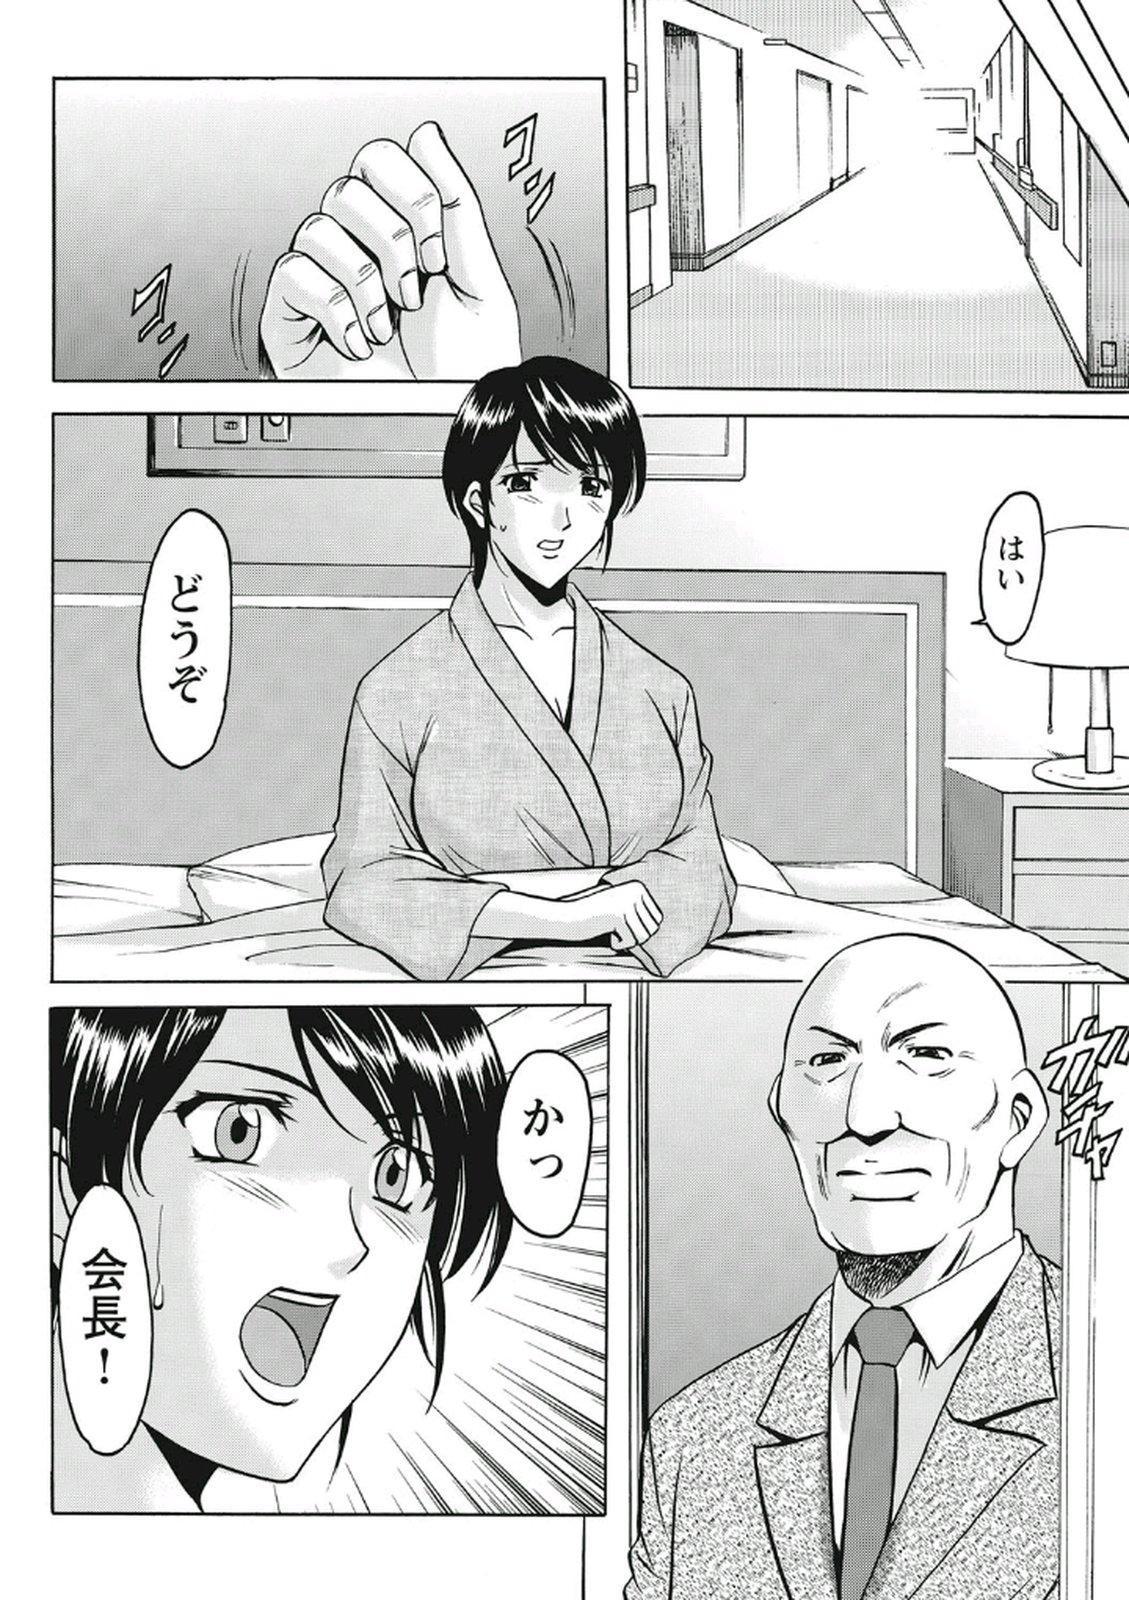 Chijoku Byoutou 193